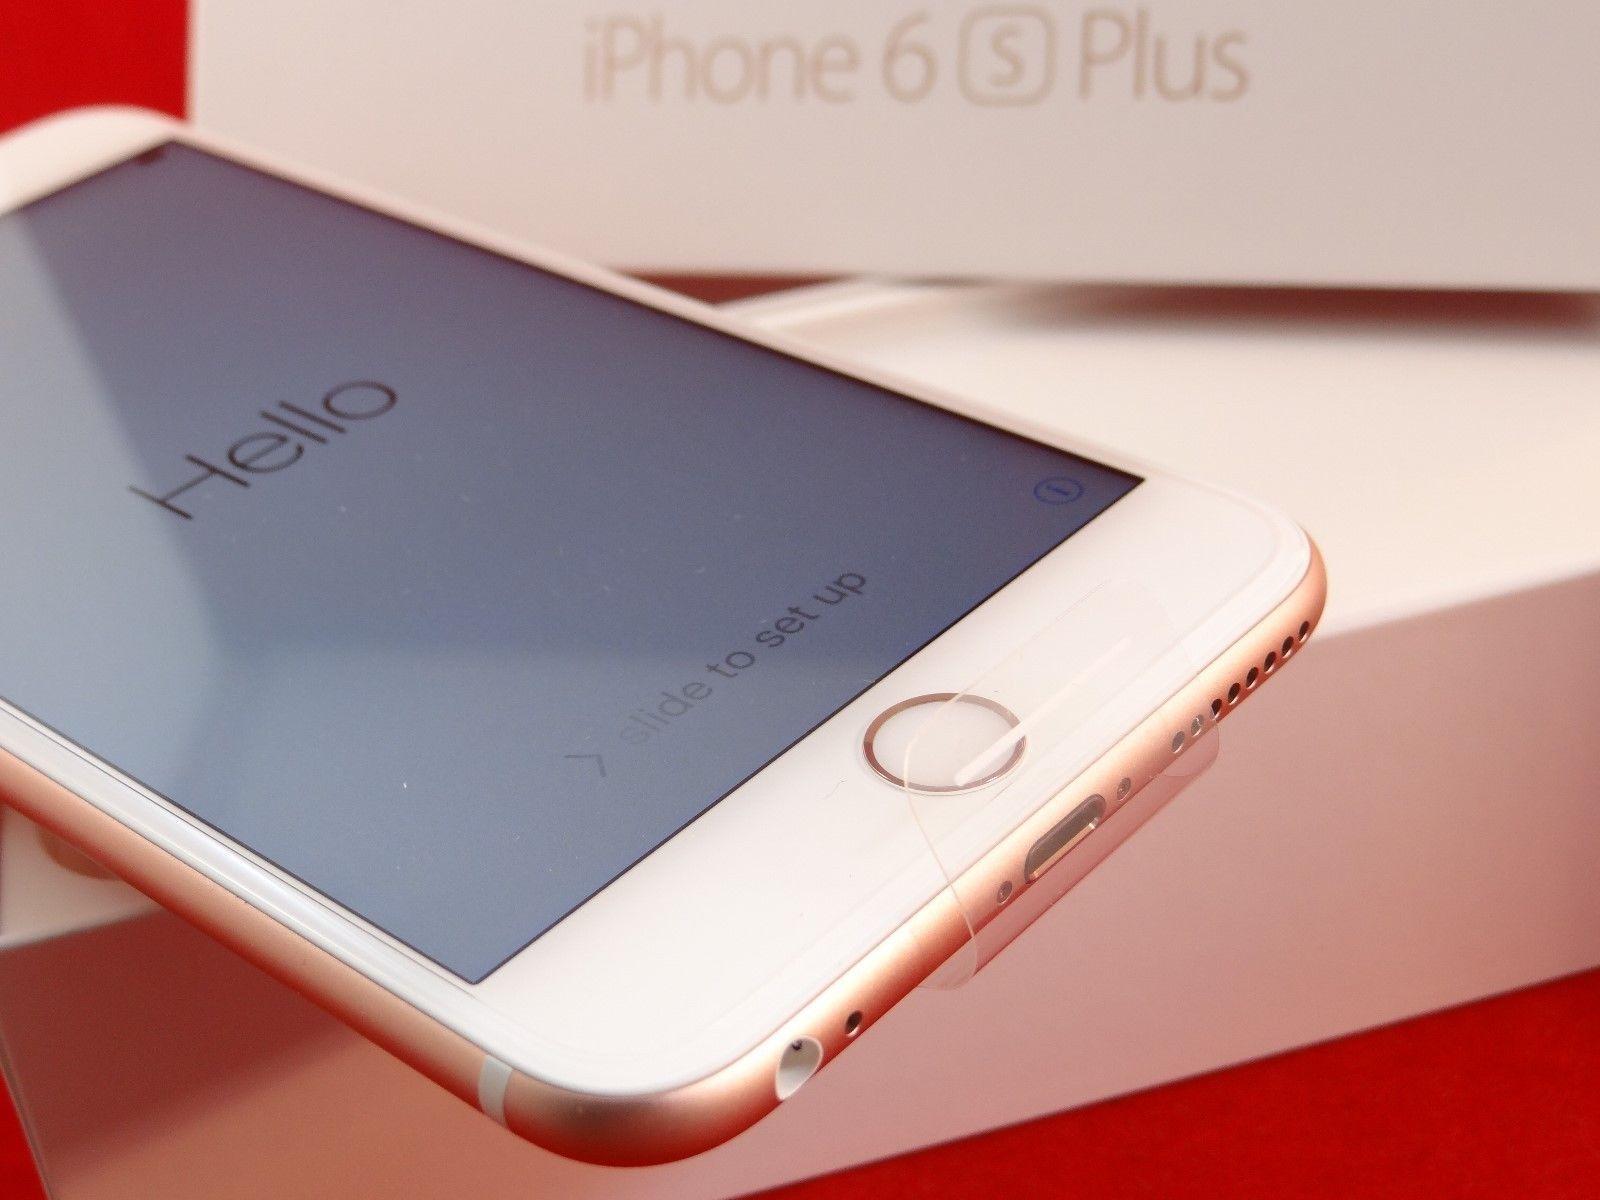 iphone 6 plus rose gold 128gb